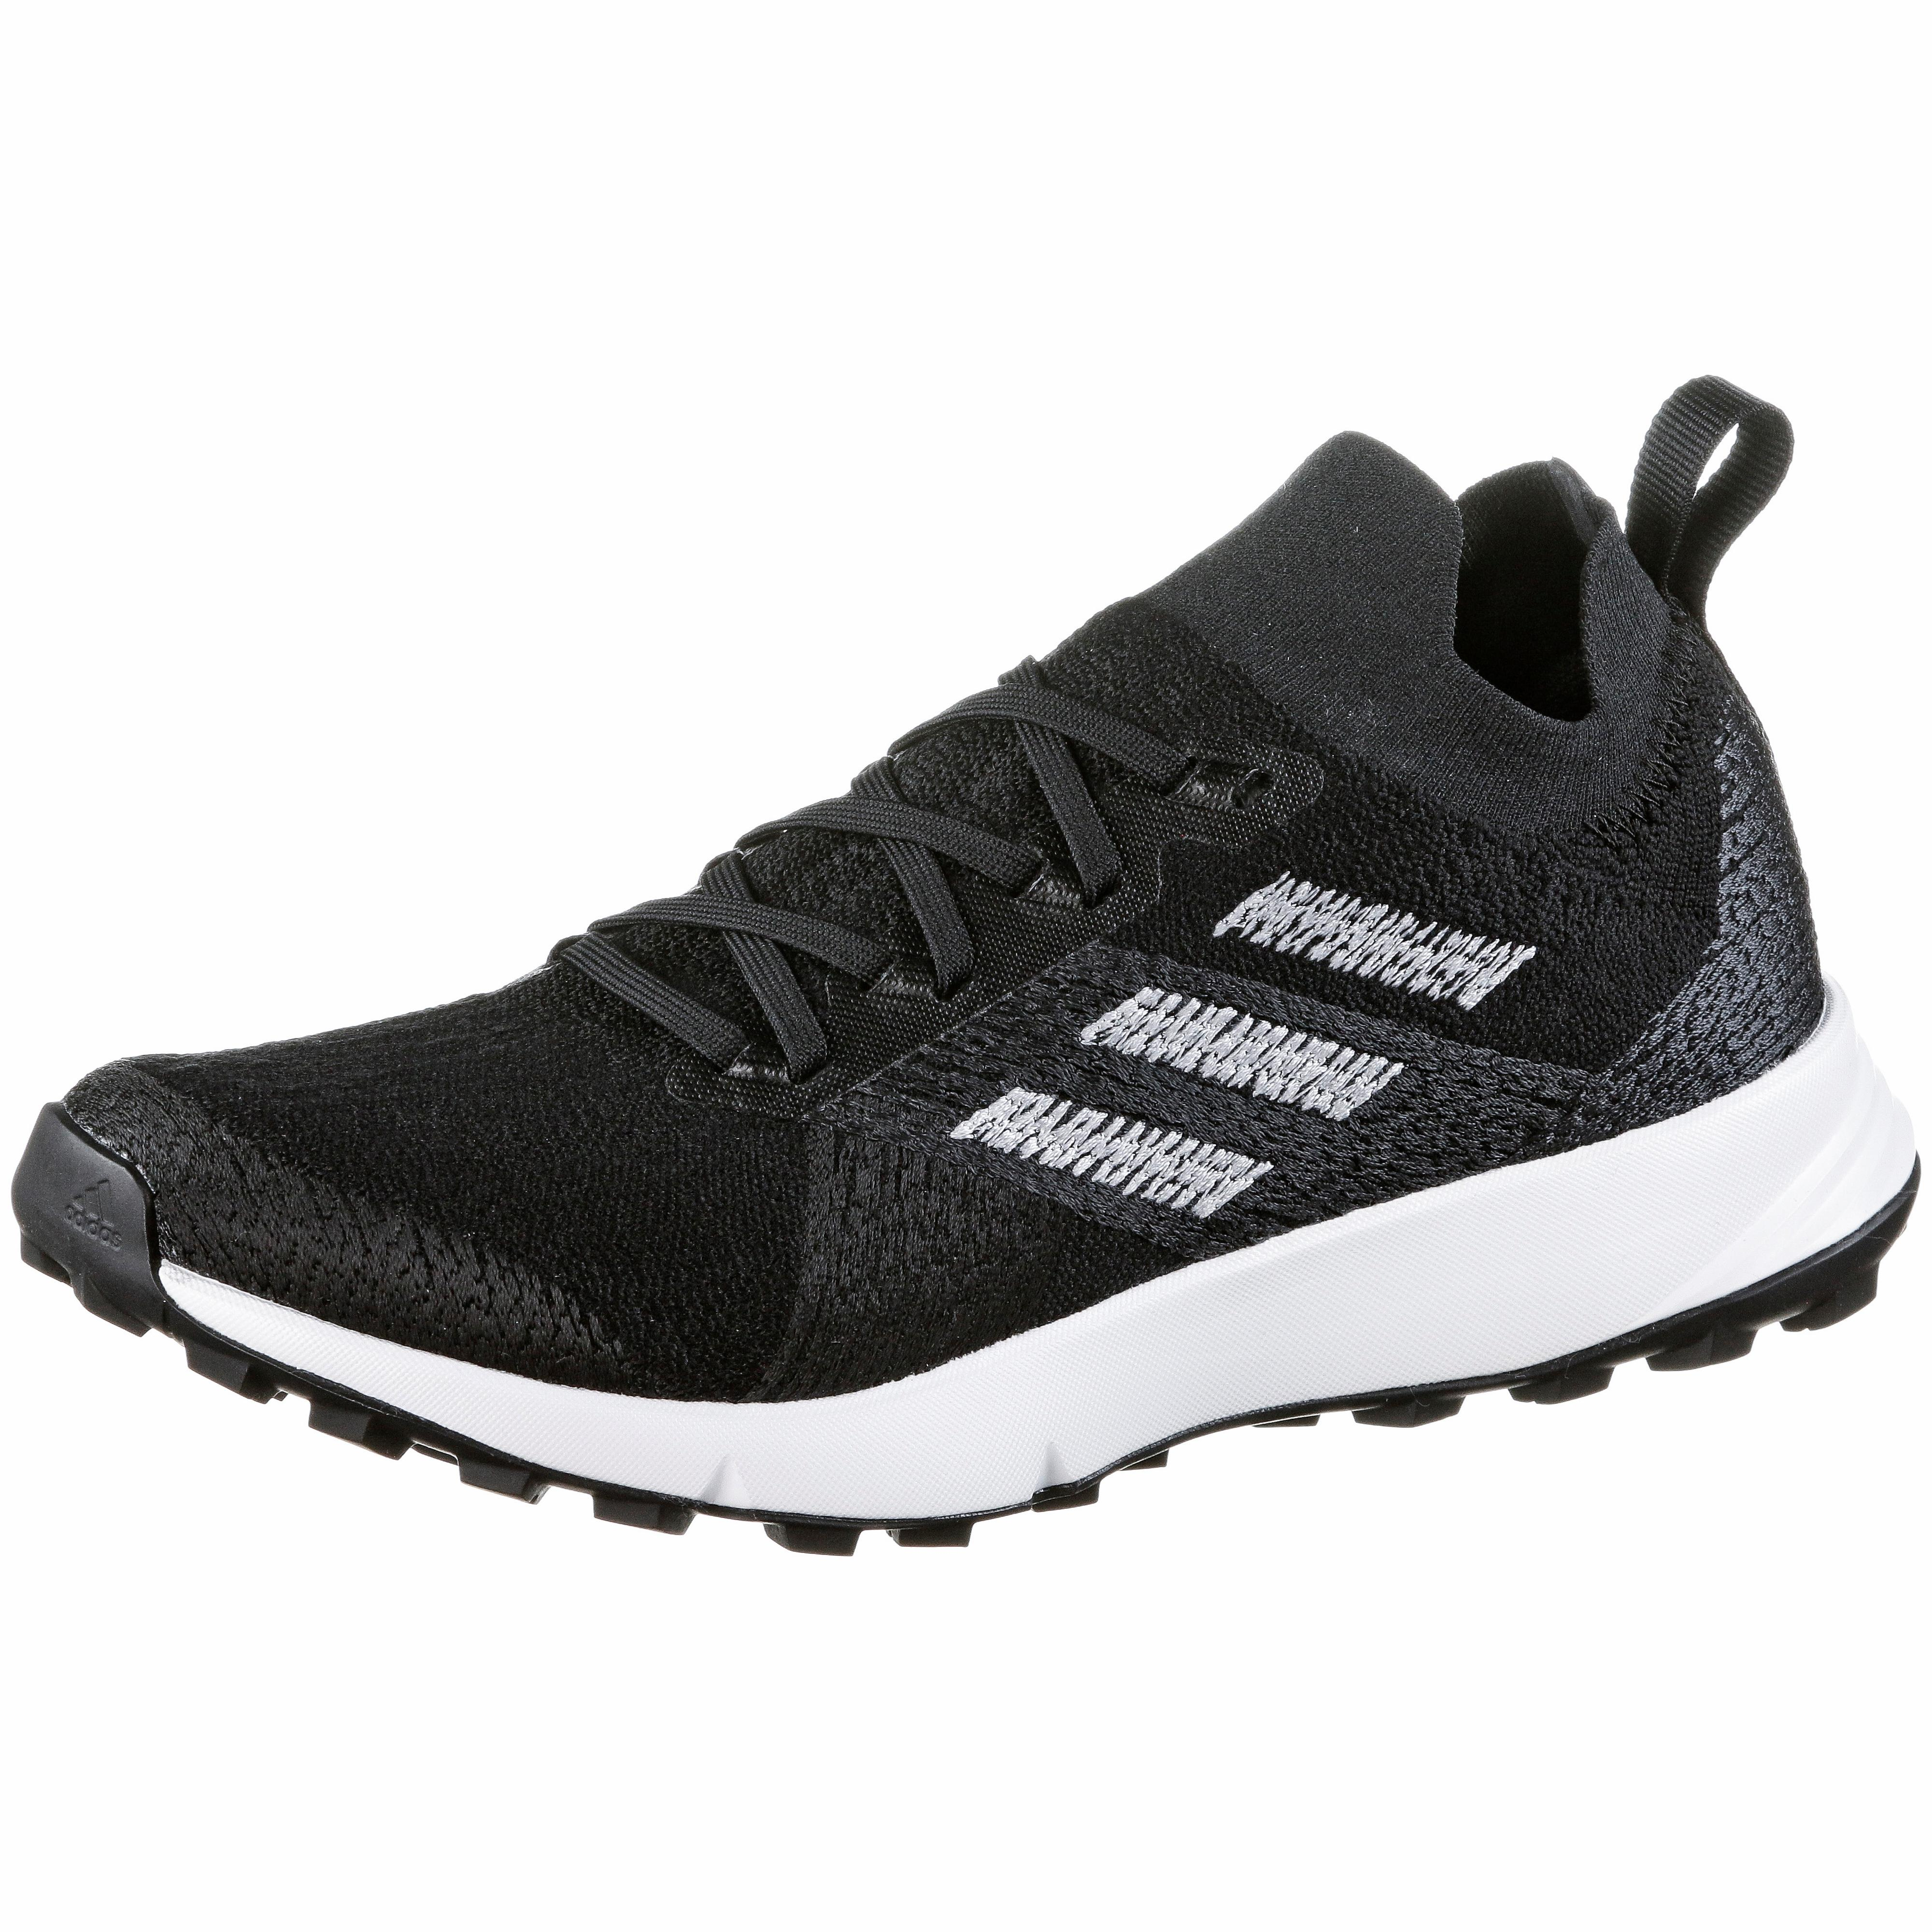 Outdoor Sportiply Schuhe Outdoor Outdoor Sportiply Bei Sportiply Bei Schuhe Schuhe Outdoor Bei Rj543LA